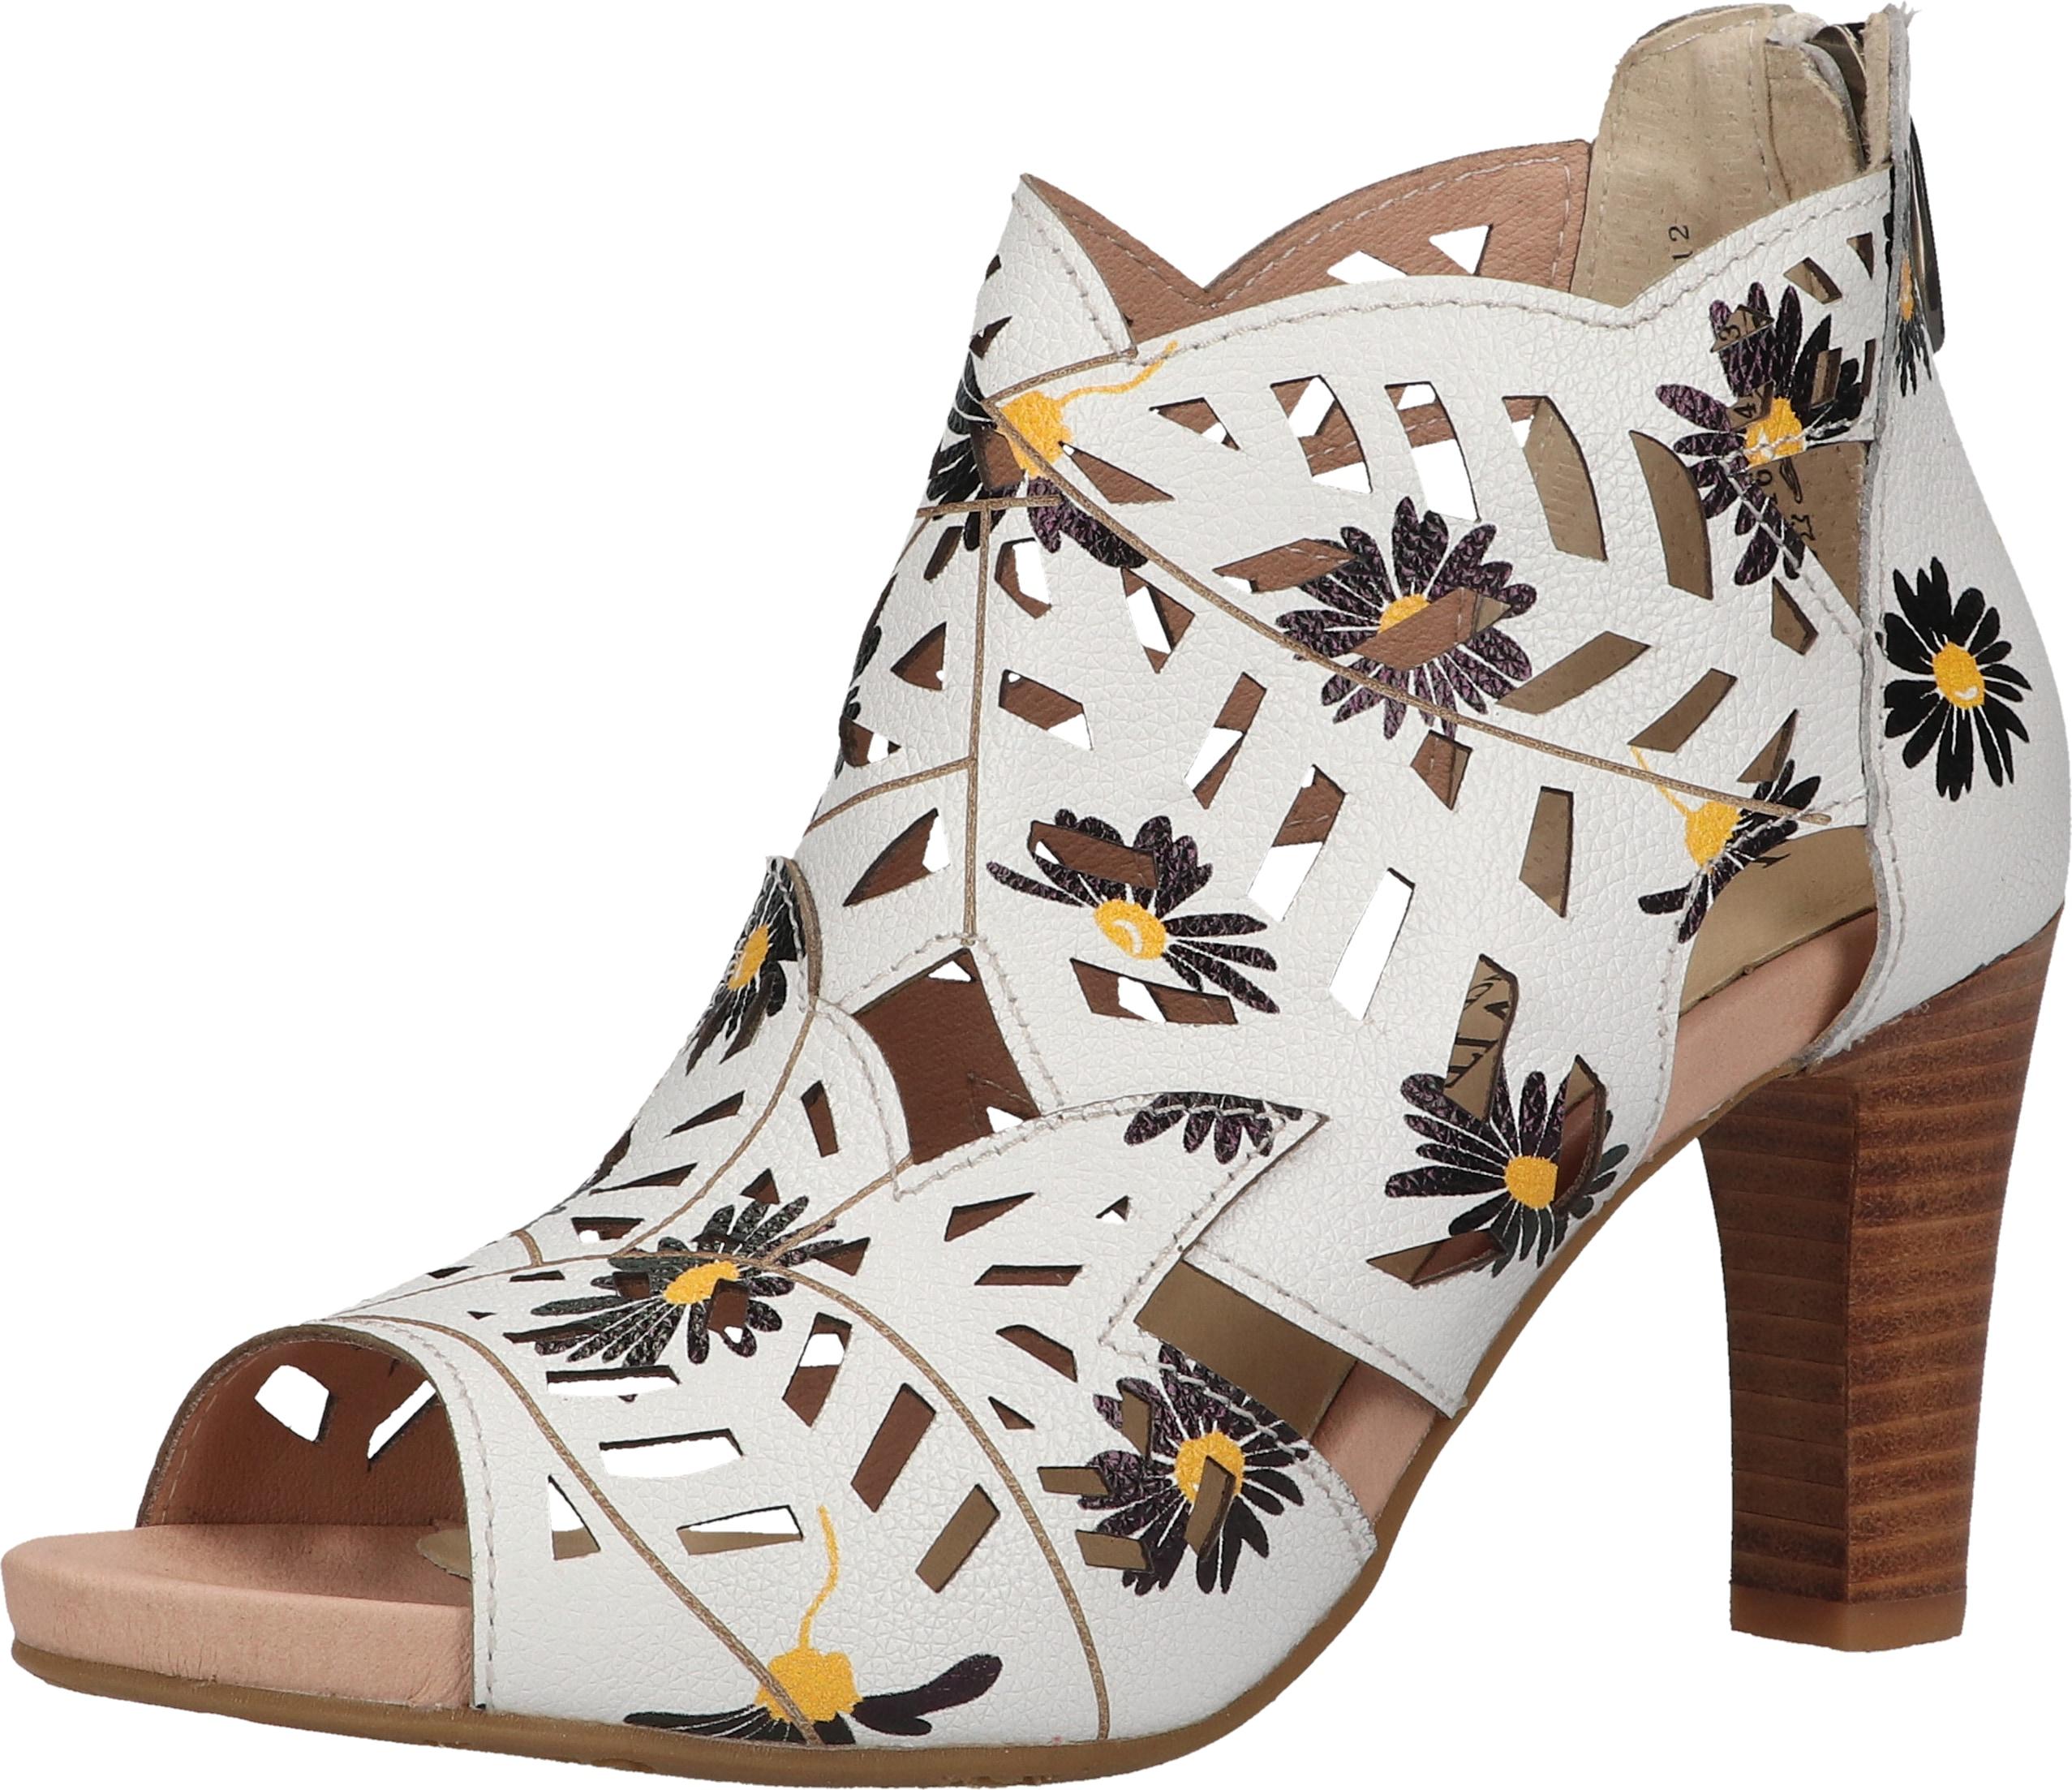 laura vita -  High-Heel-Sandalette Leder